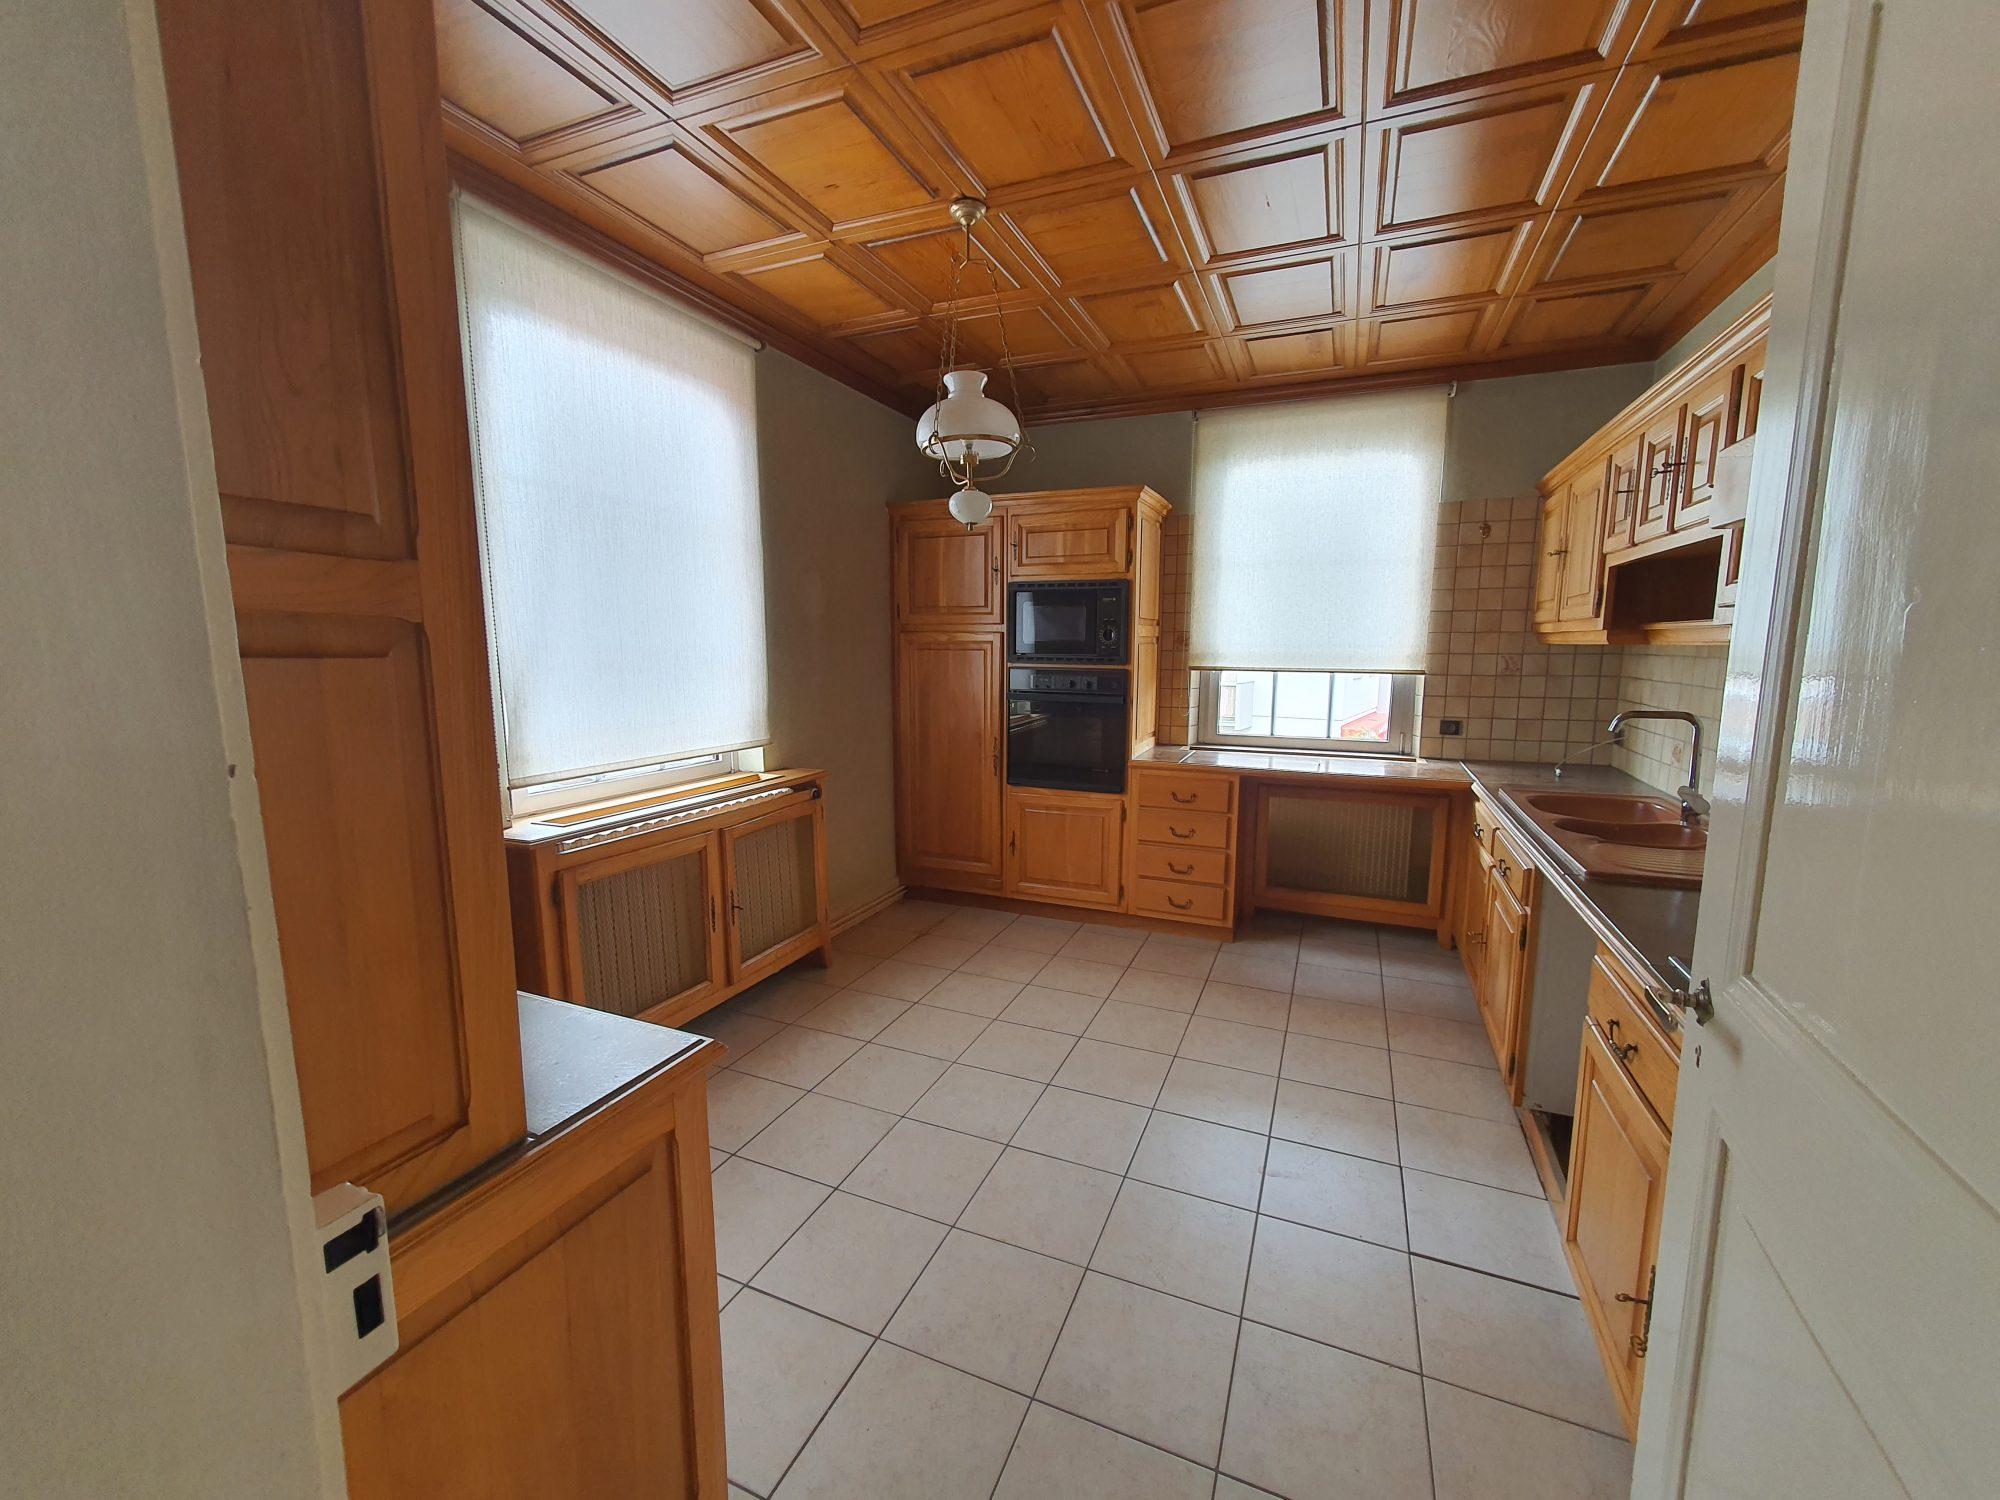 ILLKIRCH appartement 3 pièces de 87 m² avec cave